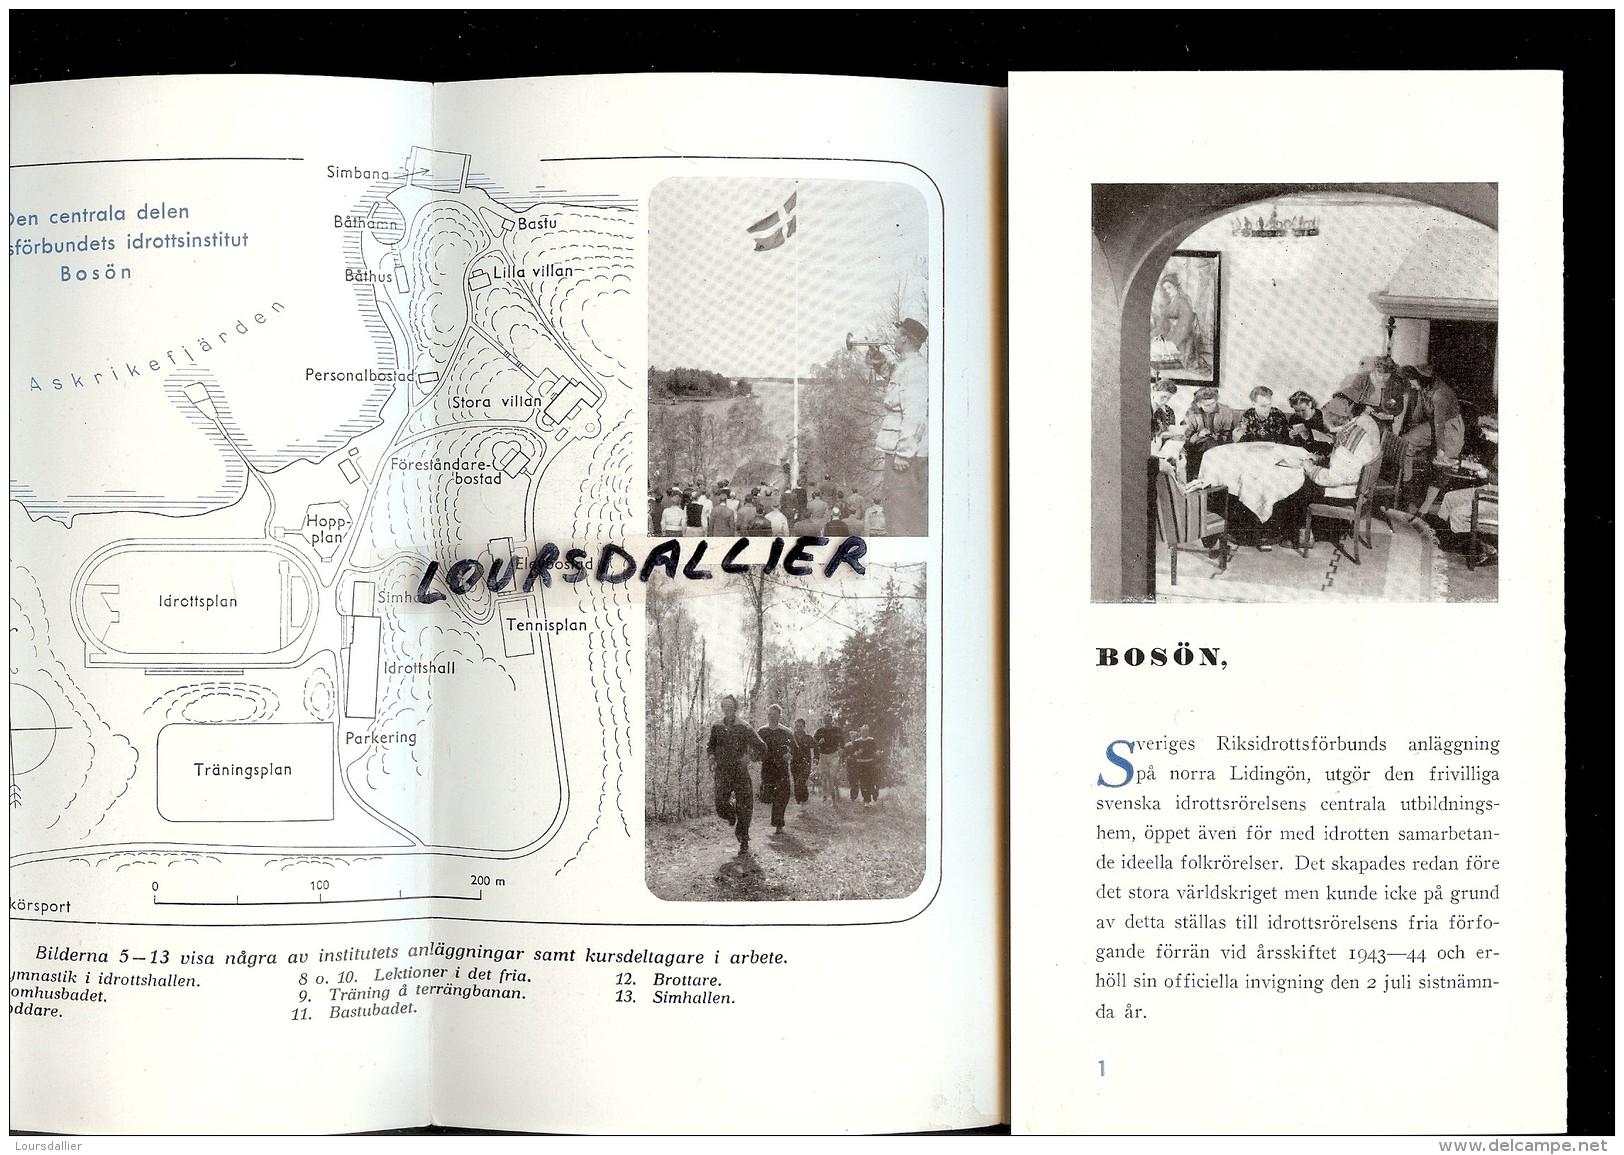 SUEDE BOSON Institut Des Sport 1952 Idrottsinstitut 1952 - Libri, Riviste, Fumetti